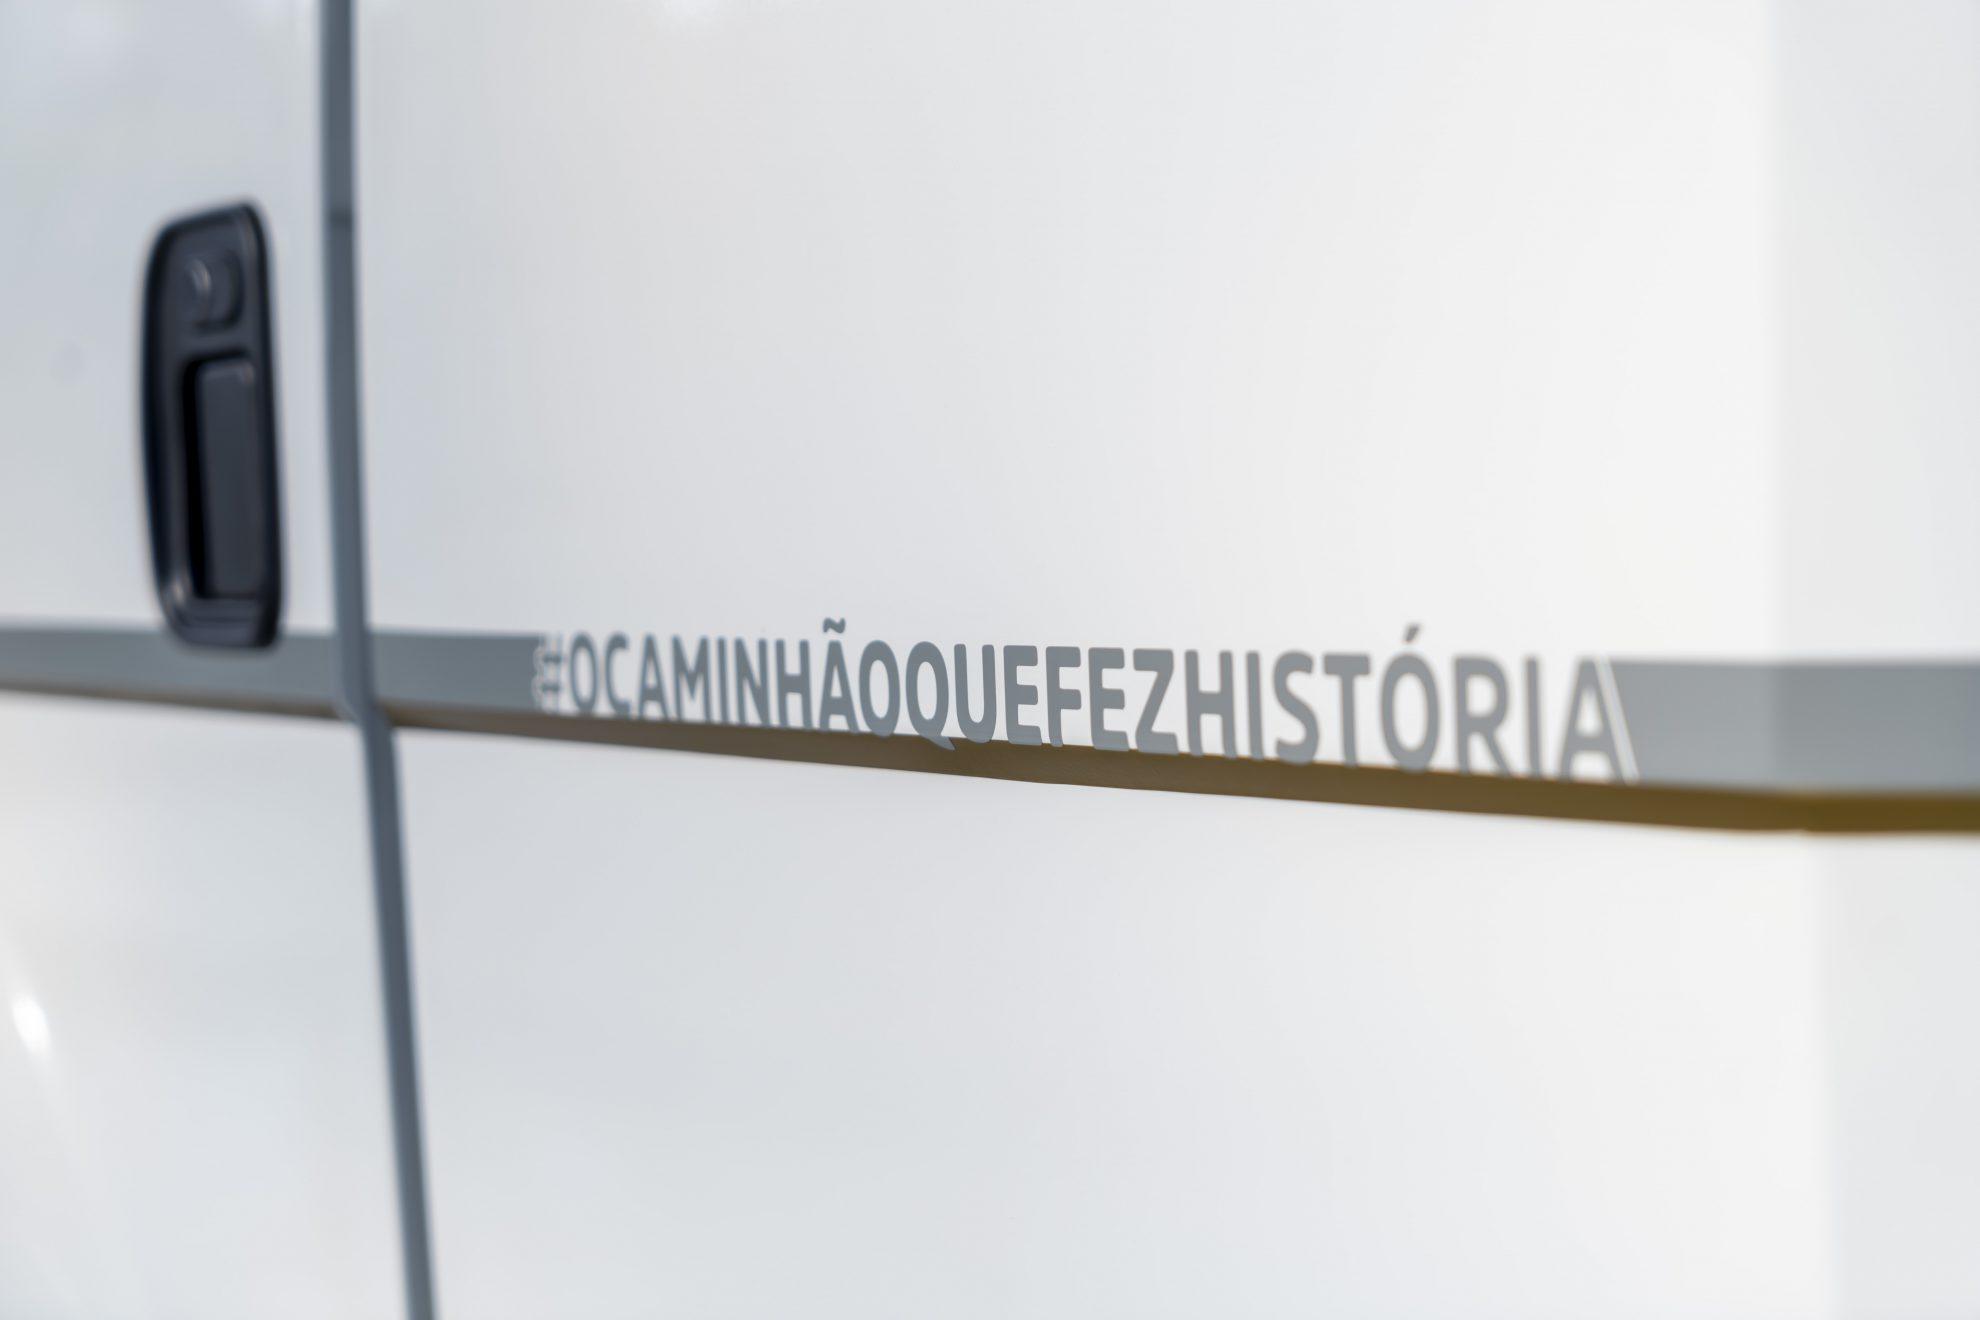 Se alguém duvidar que você comprou o último 'bicudo' do Brasil, há detalhes que ajudam a provar sua história